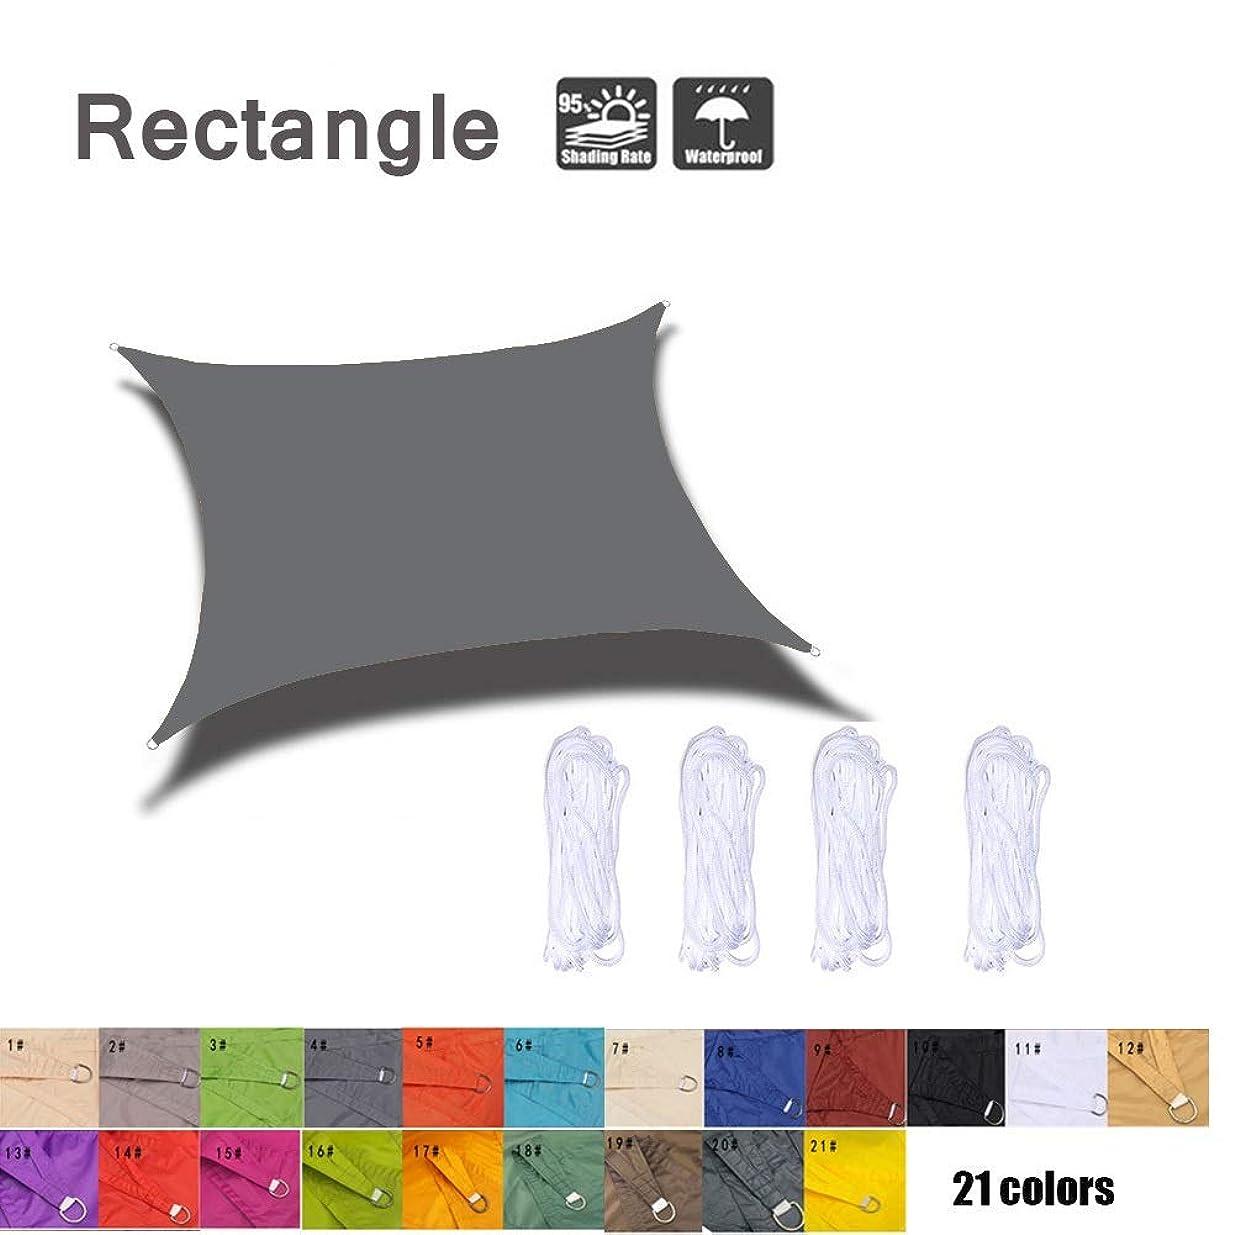 入力過激派パパターポリンタープテント防水布 防水サンシェイドセイル、ガーデンパティオ長方形キャノピーオーニング95%UVブロック、日焼け止めオーニングキャノピー21色 (Color : Dark gray, Size : 2x4m)